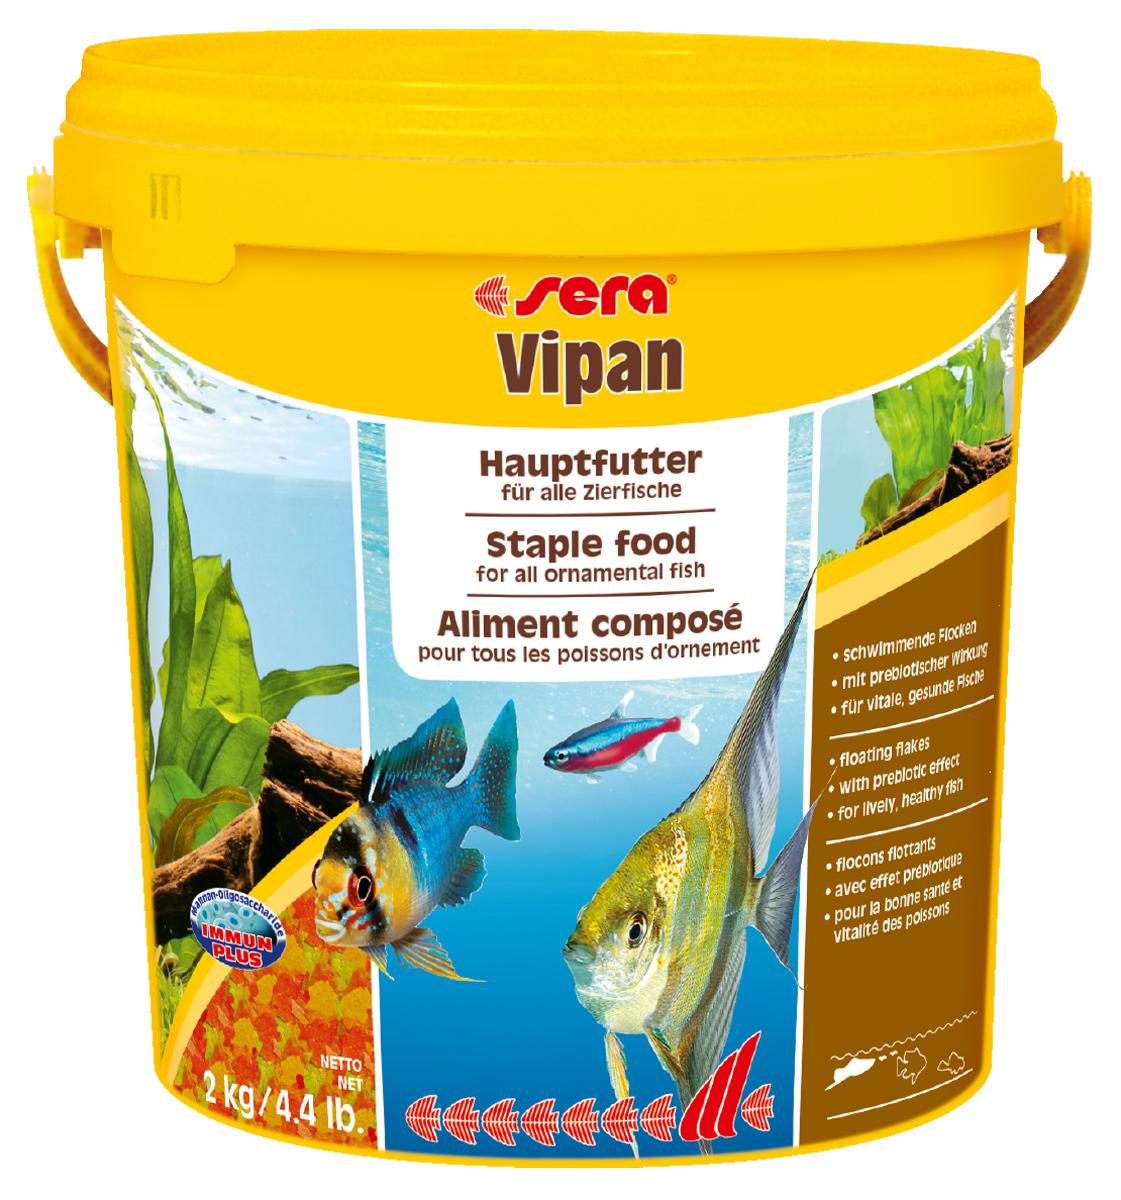 Корм для рыб Sera Vipan, 10 л (2 кг)0120710Корм для рыб Sera Vipan - хорошо сбалансированный основной корм в виде хлопьев, содержащий более 40 ингредиентов. Идеально подходит для ежедневного кормления всех декоративных рыб в общих аквариумах. Сбалансированный состав удовлетворяет потребности множества видов. Бережная обработка гарантирует сохранение ценных ингредиентов (например, жирных кислот Омега, витаминов и минералов). Белки и другие питательные вещества делают этот корм высокопитательным и легко перевариваемым рыбами. Формула Vital-Immun-Protect гарантирует вашим рыбам прекрасное здоровье, укрепление иммунитета и обилие жизненных сил. Специальный метод приготовления позволяет хлопьям сохранять свою форму в течение длительного времени, не загрязняя воду. Хлопья в то же время очень нежны и поэтому охотно поедаются рыбой. Ингредиенты: рыбная мука, пшеничная мука, пивные дрожжи, казеинат кальция, гаммарус, яичный порошок, рыбий жир, маннанолигосахарид (MOS 0,4%), спирулина, травы, люцерна, крапива, мука из зеленых губчатых моллюсков, водоросли, зелень петрушки, перец, шпинат, чеснок, морковь, красители, разрешенные в ЕС. Аналитический состав: протеины 46,2%, жиры 8,9%, клетчатка 2,3%, зола 11,9%, влажность 6,7%. Витамины и провитамины на кг: витамин А 37000МЕ, витамин В1 35 мг, витамин В2 90 мг, витамин С 550 мг, витамин D3 1800МЕ, витамин Е 120 мг. Товар сертифицирован.